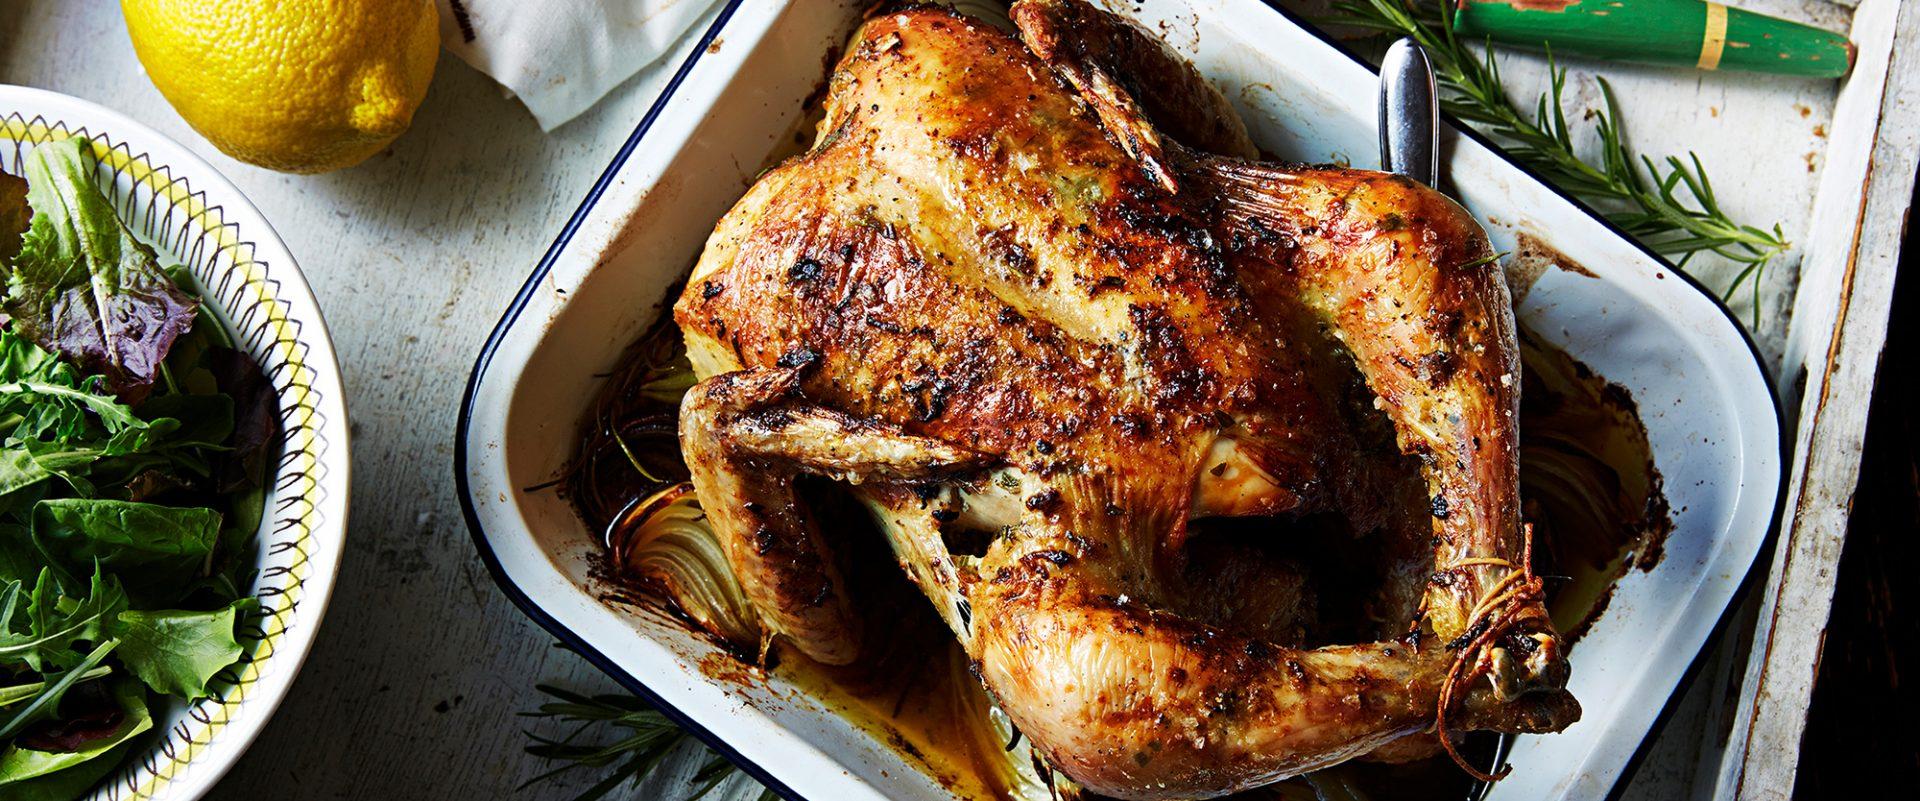 Hel kyckling